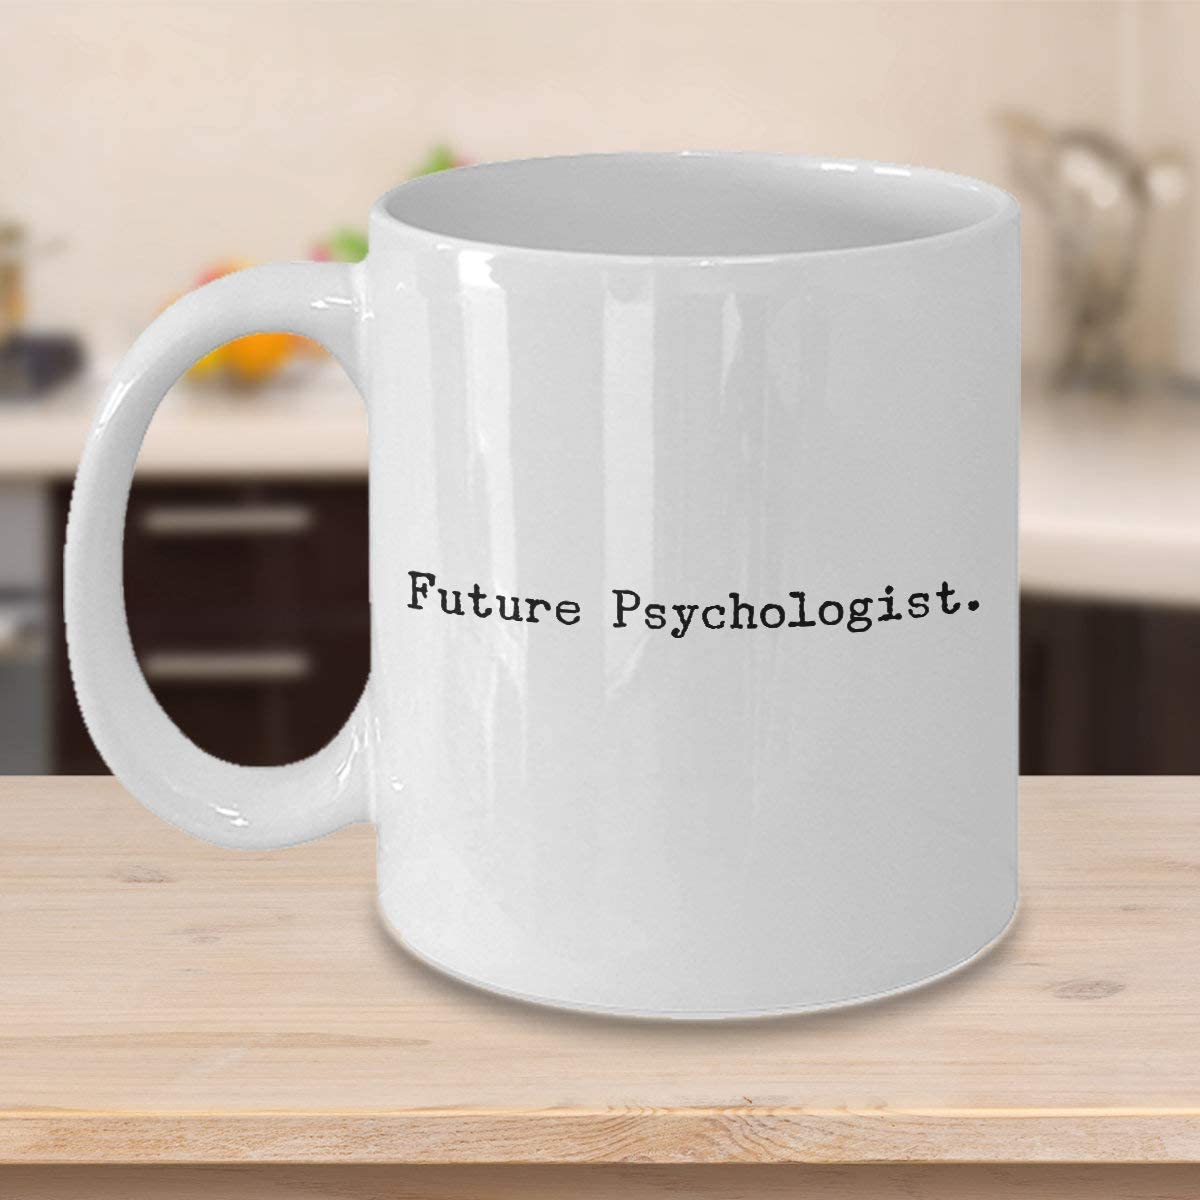 N\A Divertida Taza de café para psicólogo del Futuro, Estudiantes de psicología, única Idea de Regalo de Sarcasmo de Humor Lindo y Divertido para aprendices de pregrado